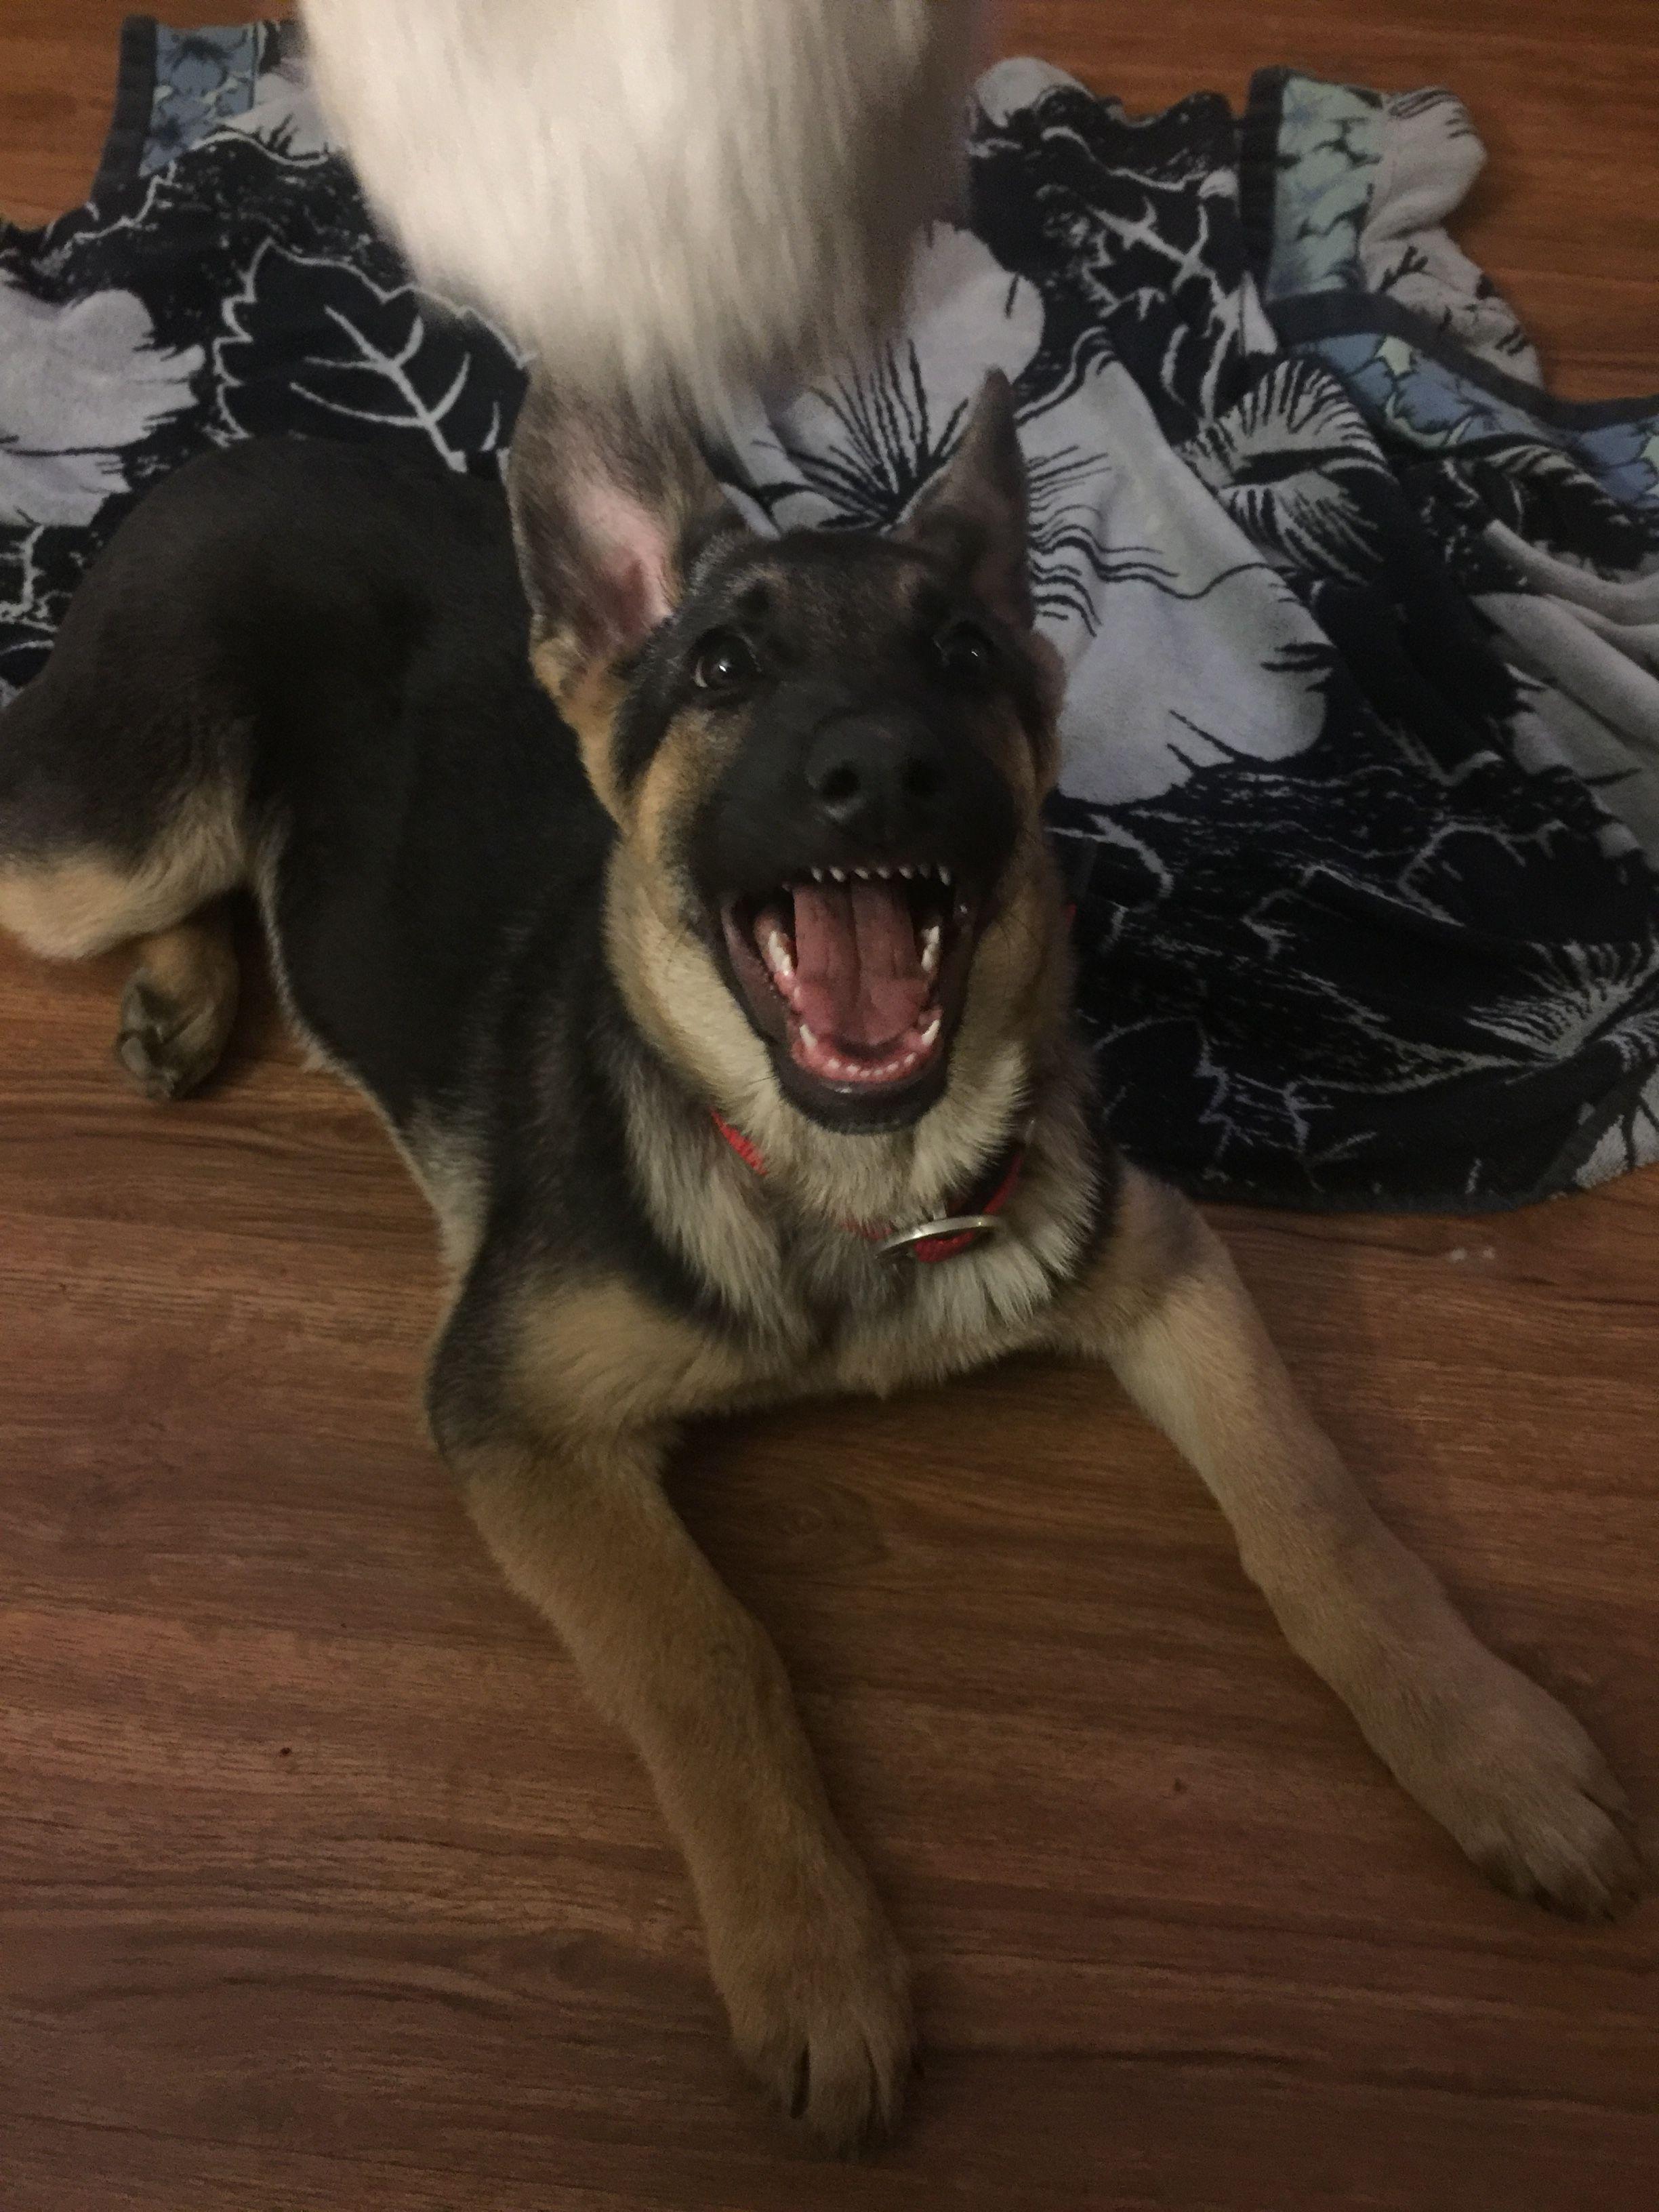 German Shepherd Puppy Teeth : german, shepherd, puppy, teeth, Those, Sharp, Puppy, German, Shepherd, Teeth., Puppies,